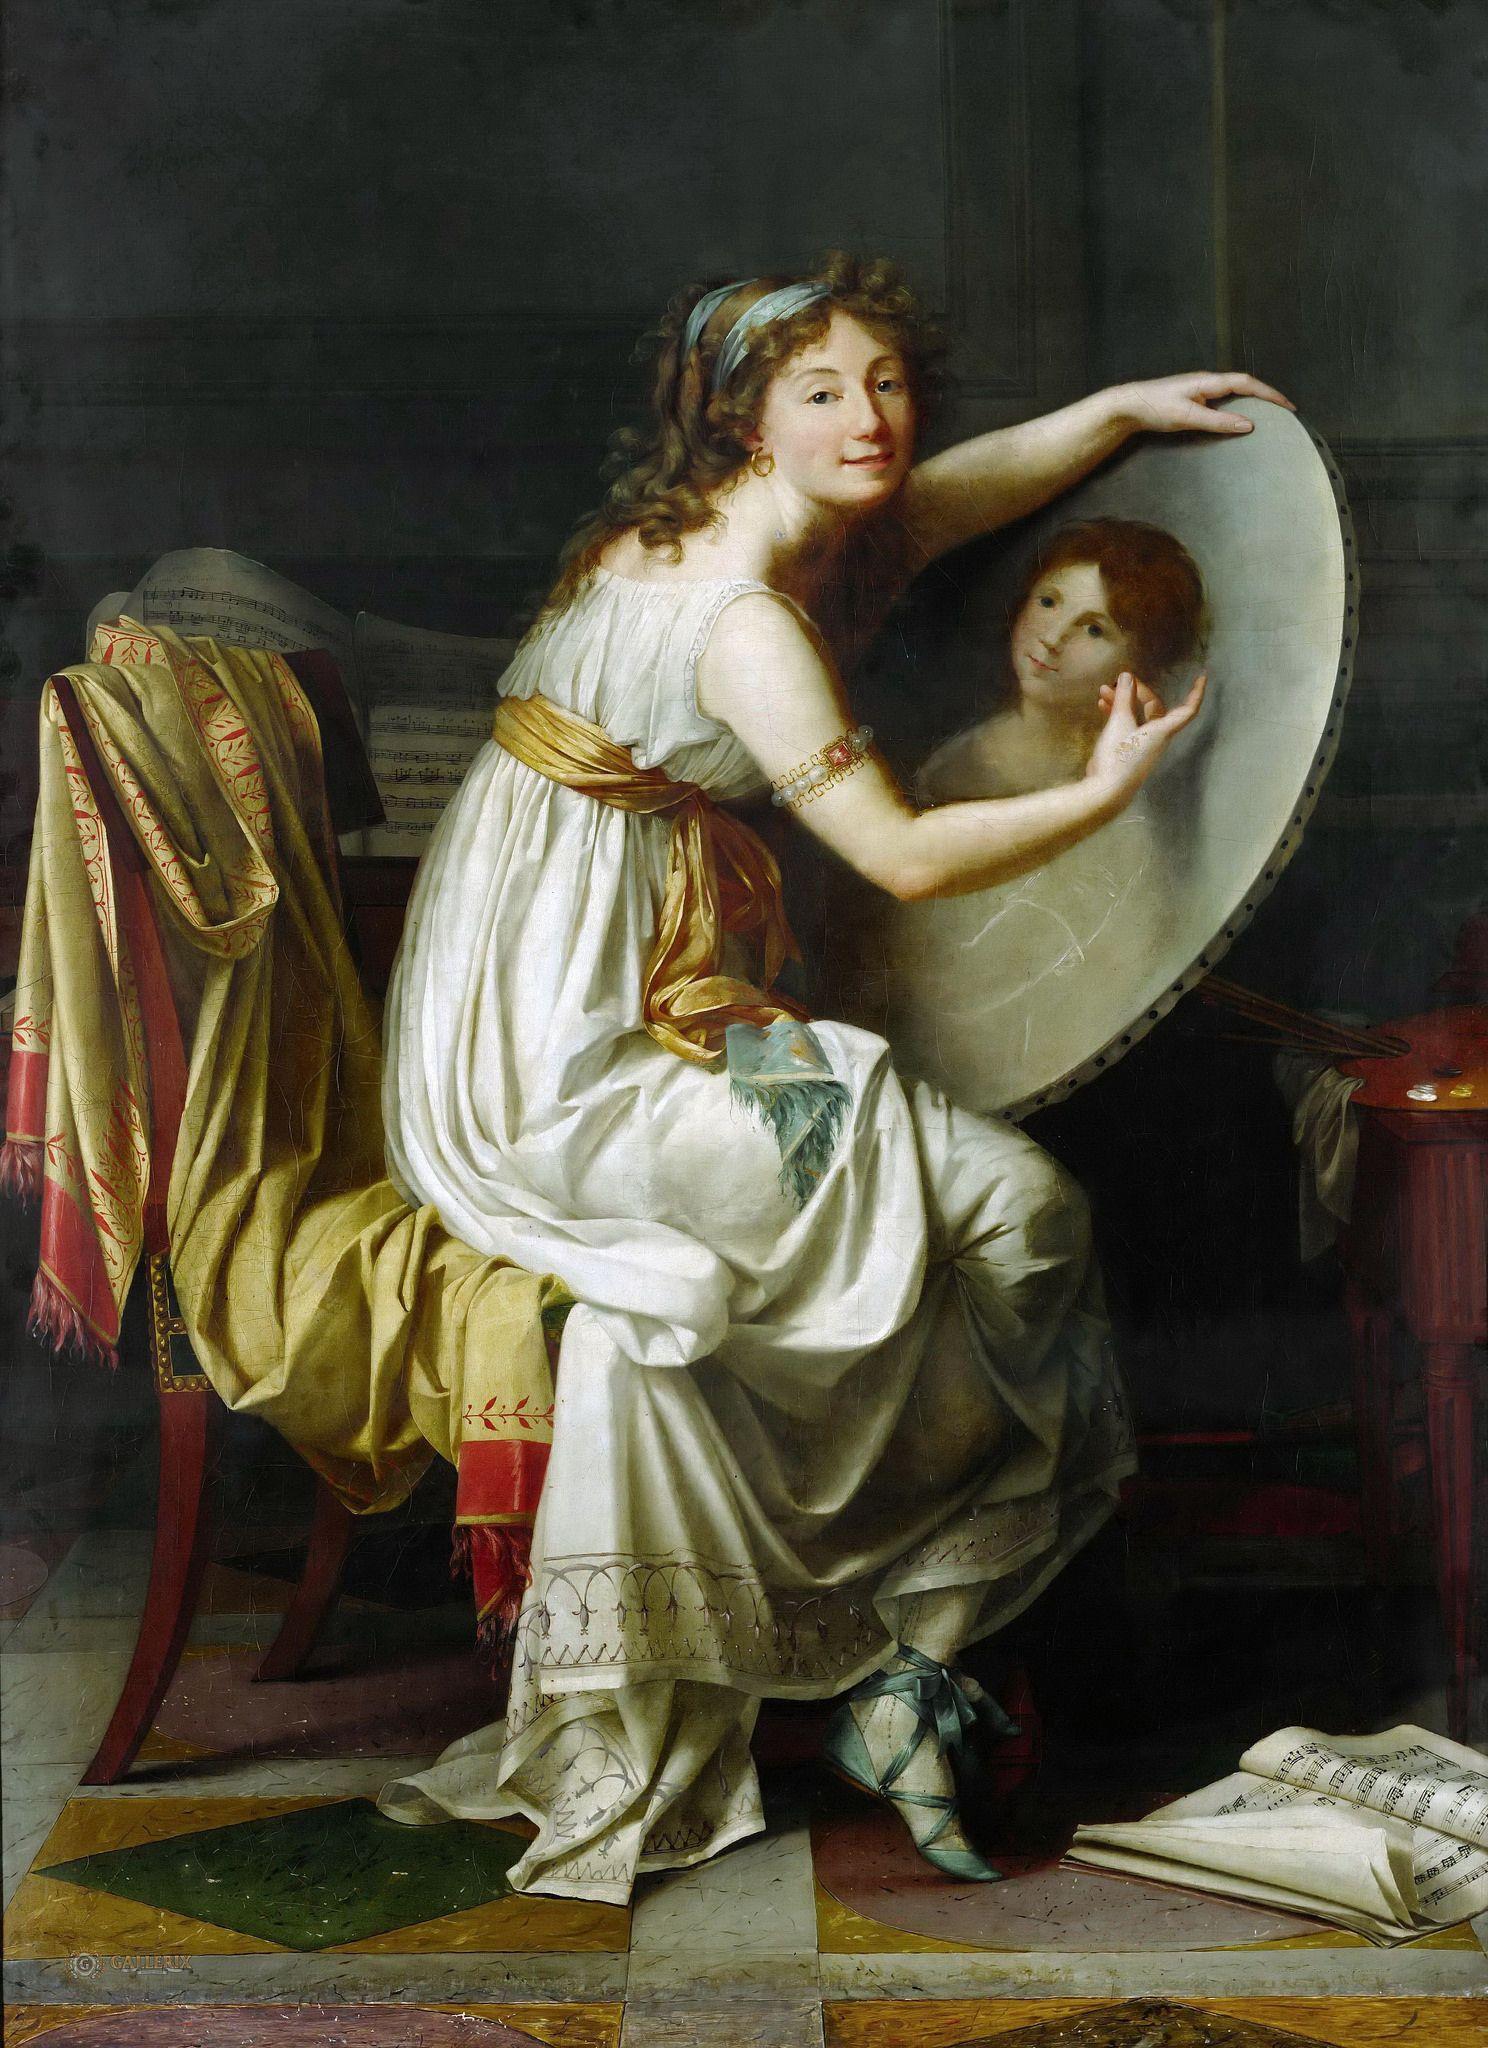 https://flic.kr/p/ru1qLQ | DAVID, JACQUES-LOUIS - Mlle Ducreux. 1770-80 | Fine Art Museum (Musée des Beaux Arts), Rouen.. .